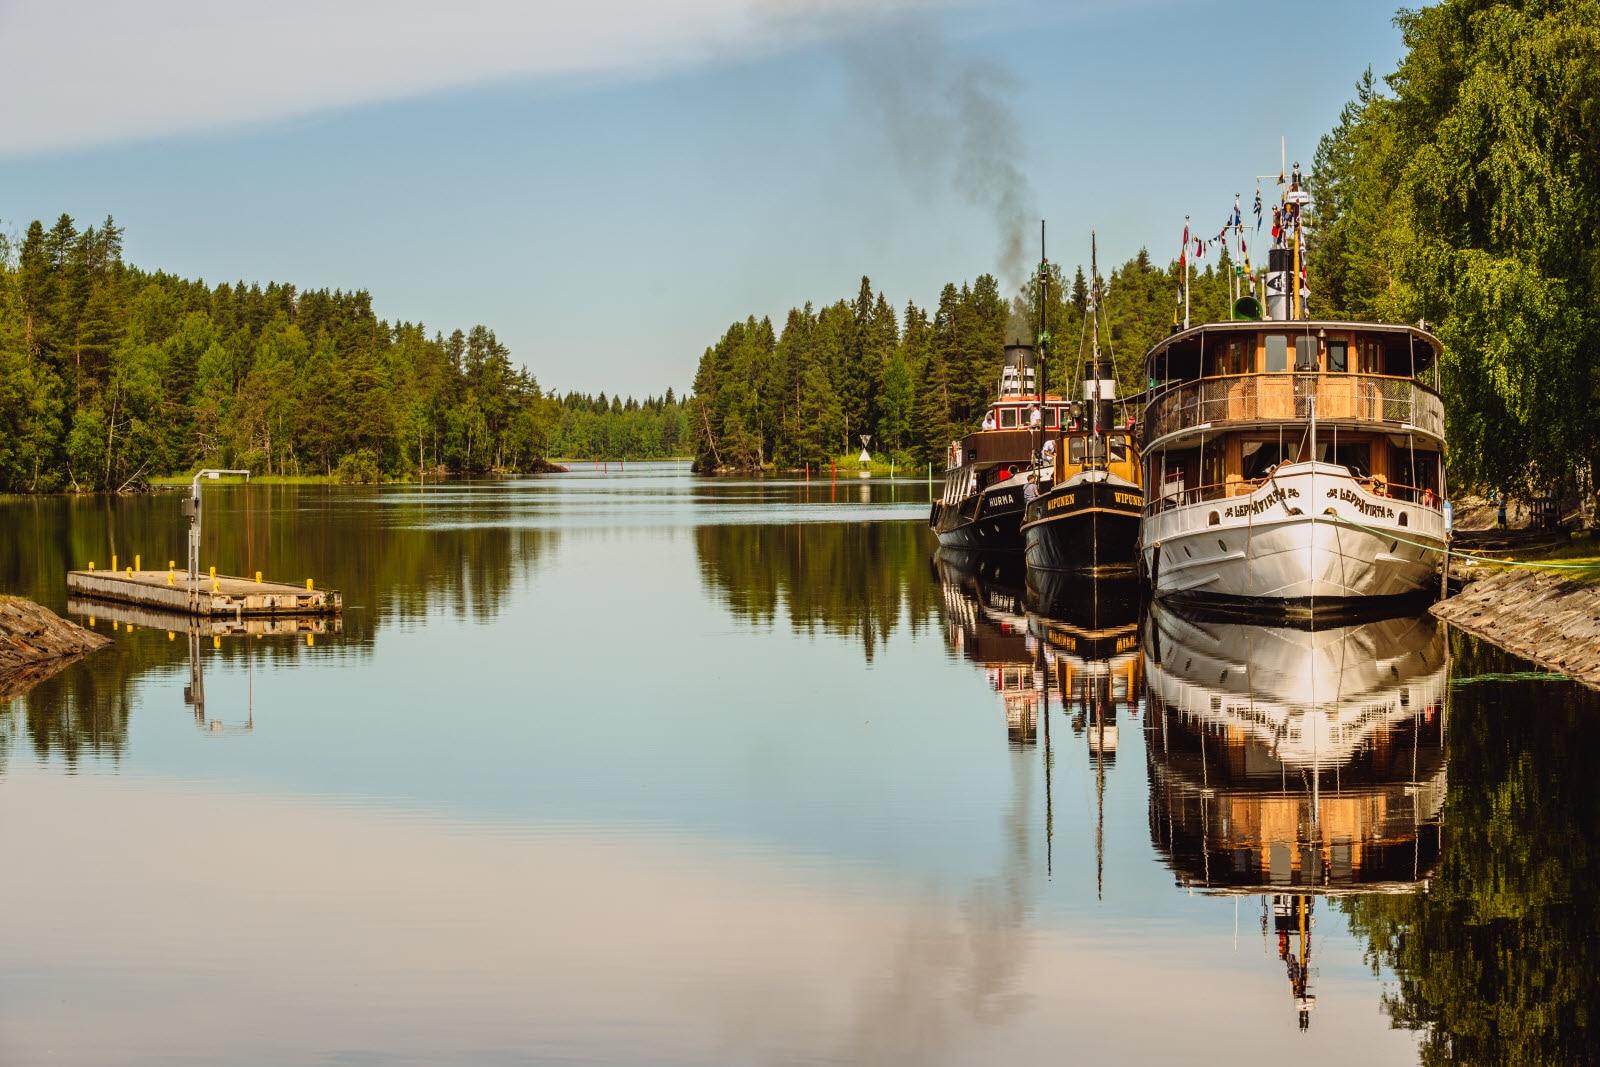 Facebook rento ruskeaverikkö lähellä Kuopio